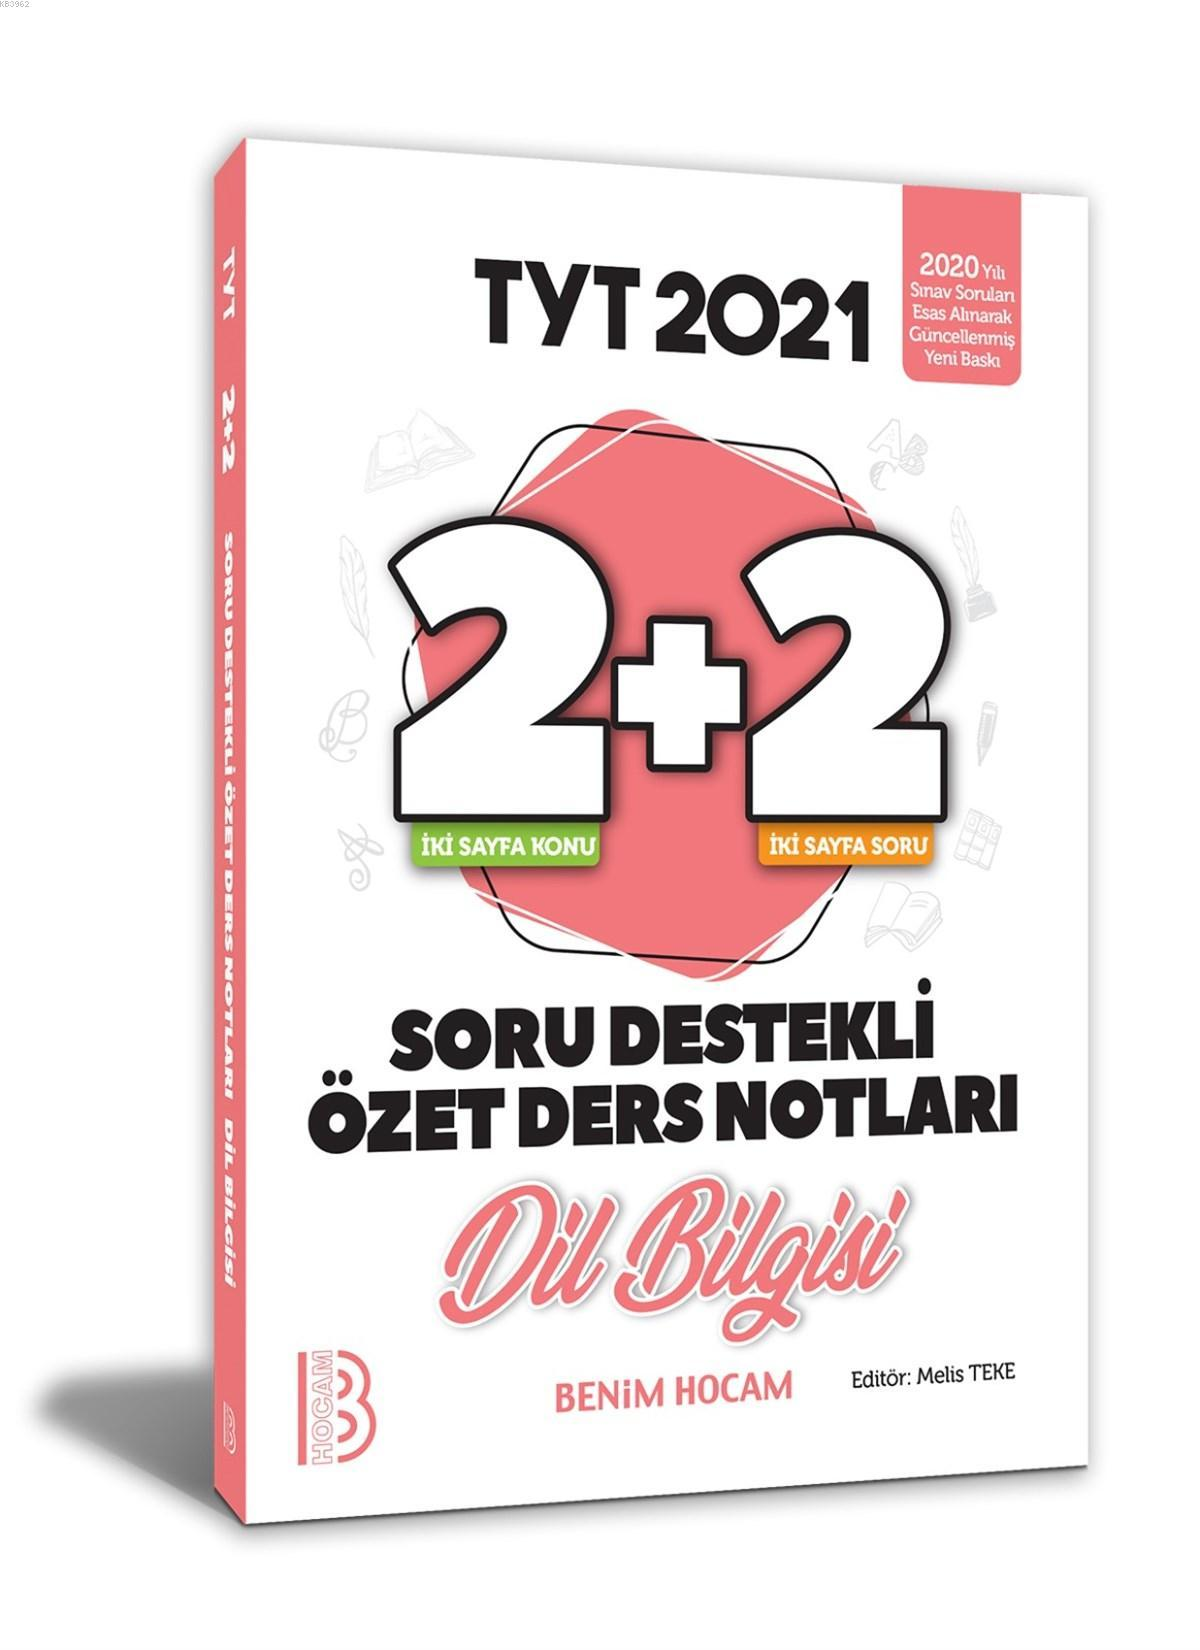 2021 YKS TYT Dil Bilgisi 2+2 Soru Destekli Özet Ders Notları Benim Hocam Yayınları